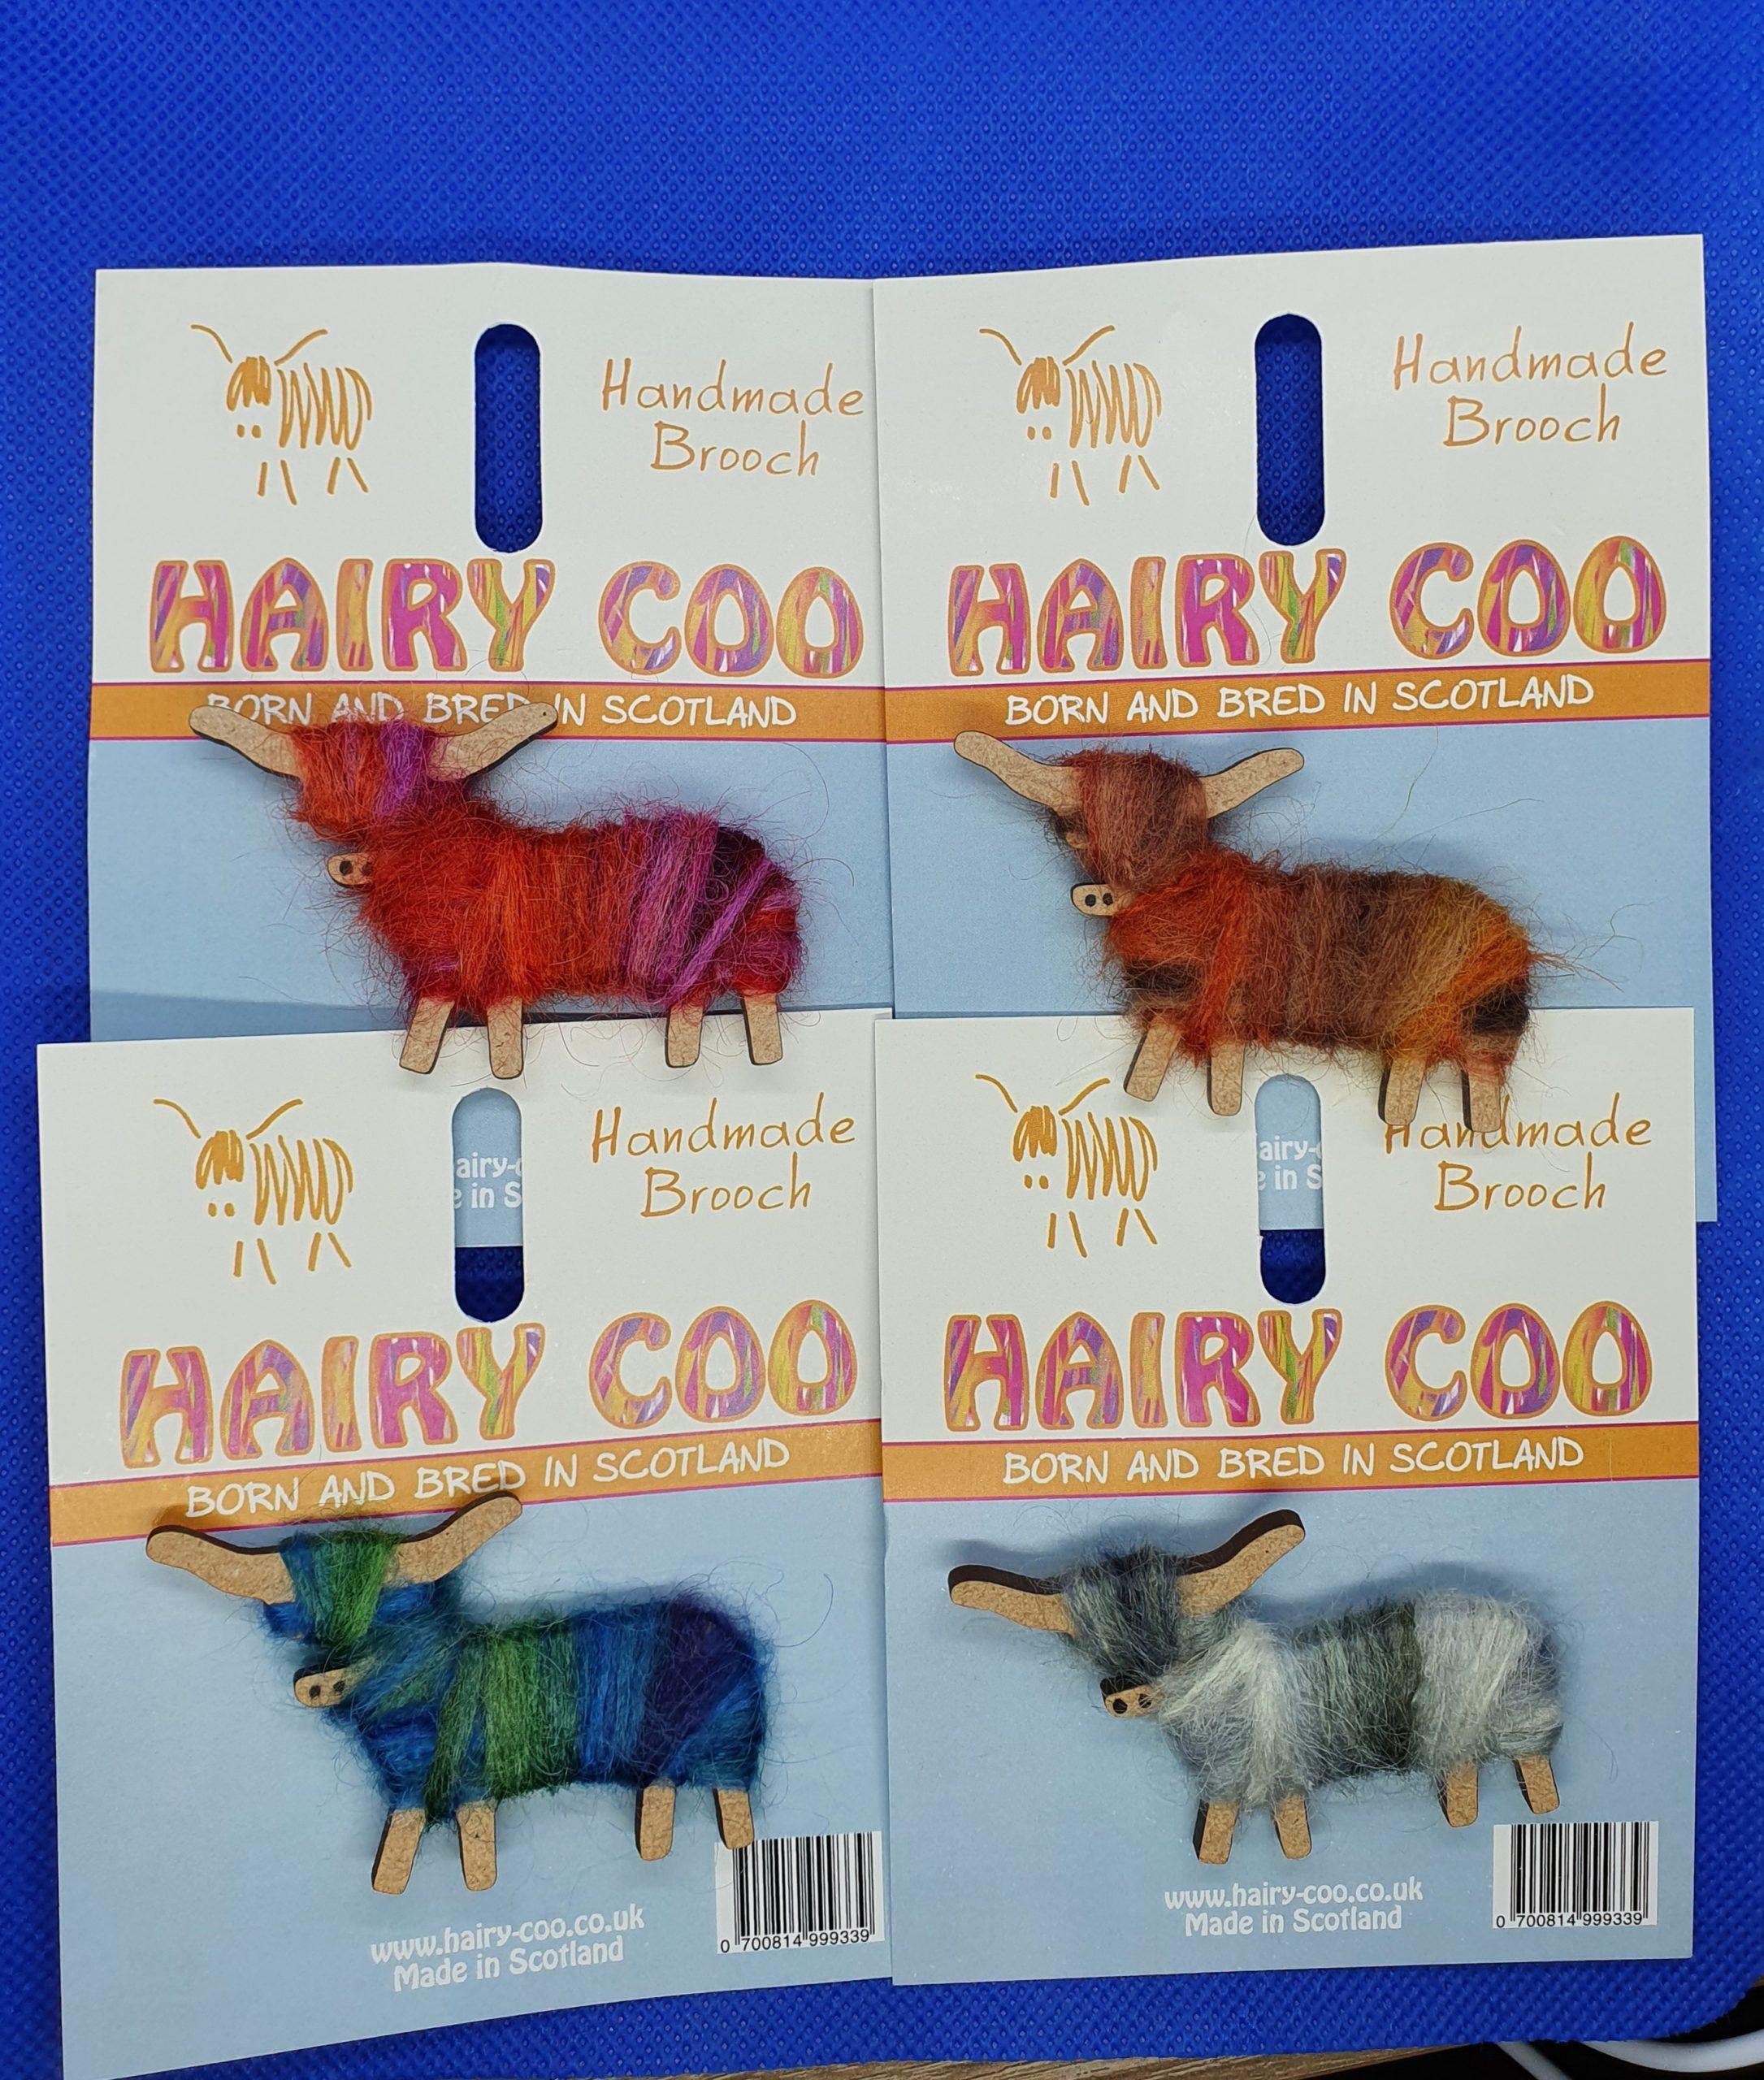 Hairy Coo Brooch